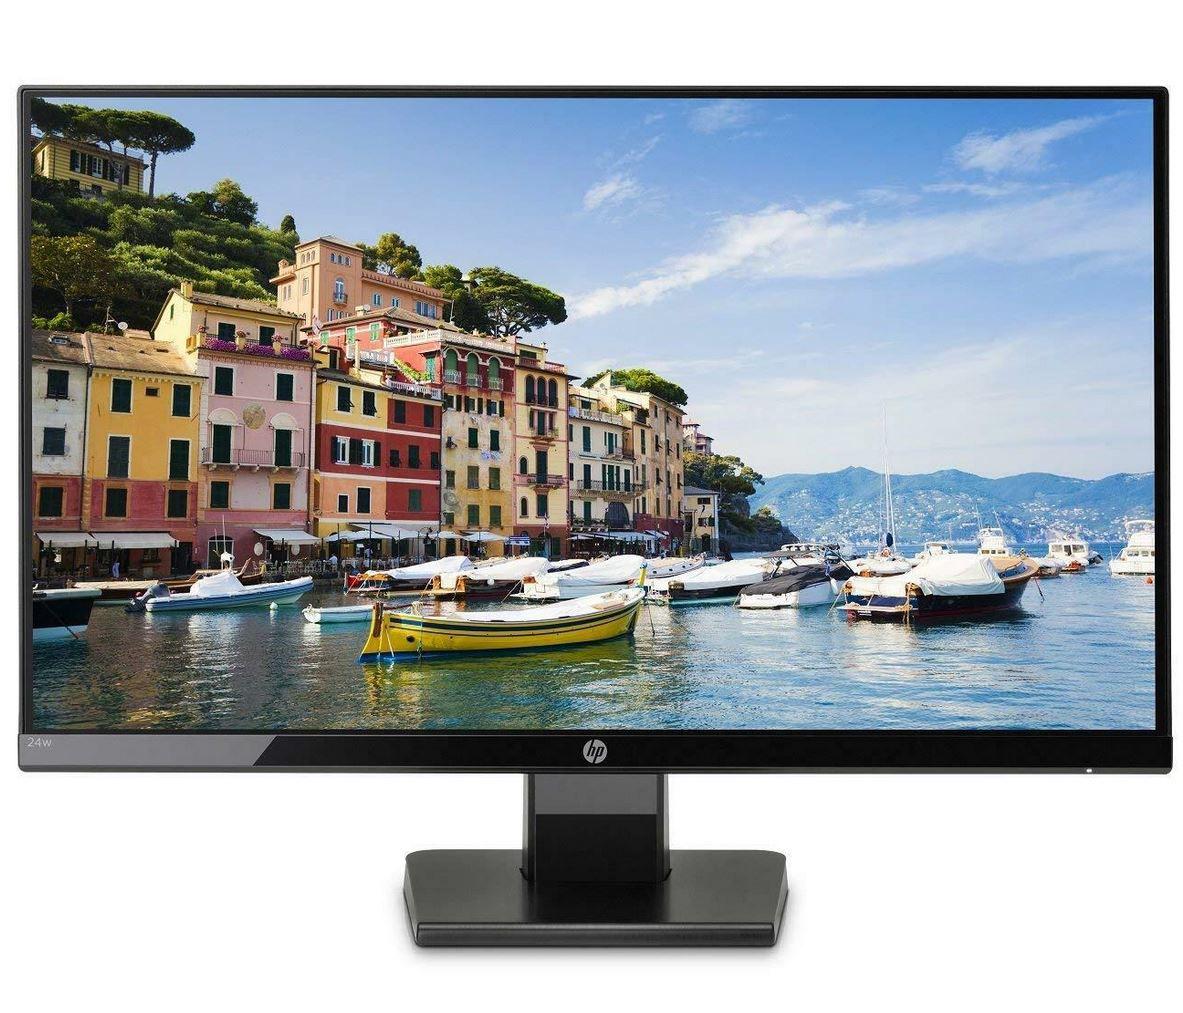 HP 24w   24 Zoll Monitor (IPS, Full HD, HDMI) für 89,99€ (statt 109€)